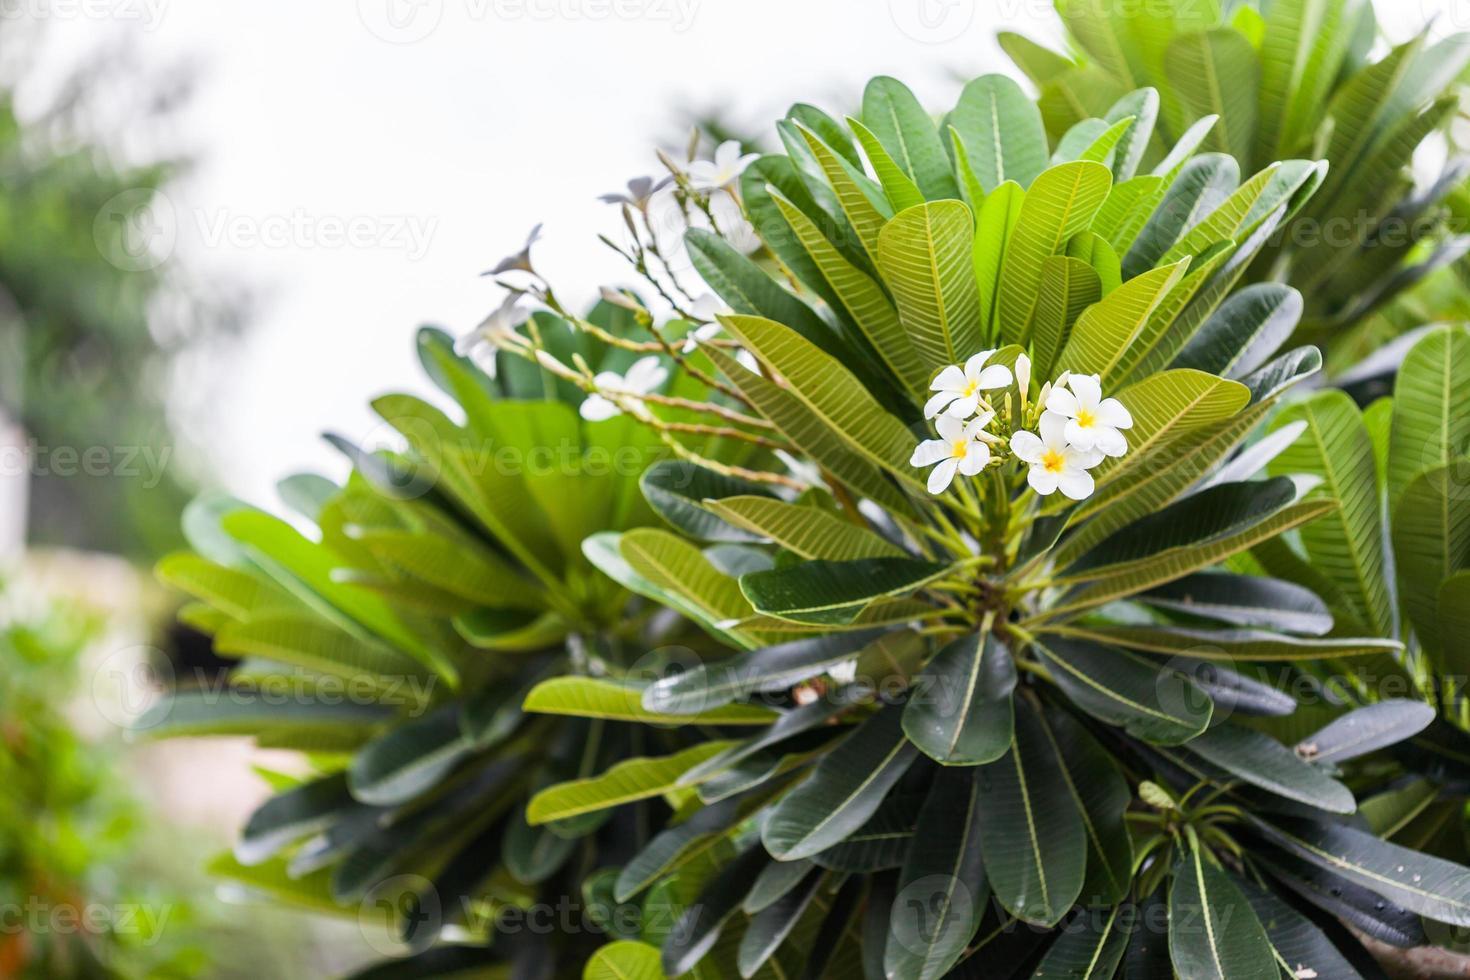 fiori di plumeria (frangipani) sull'albero foto